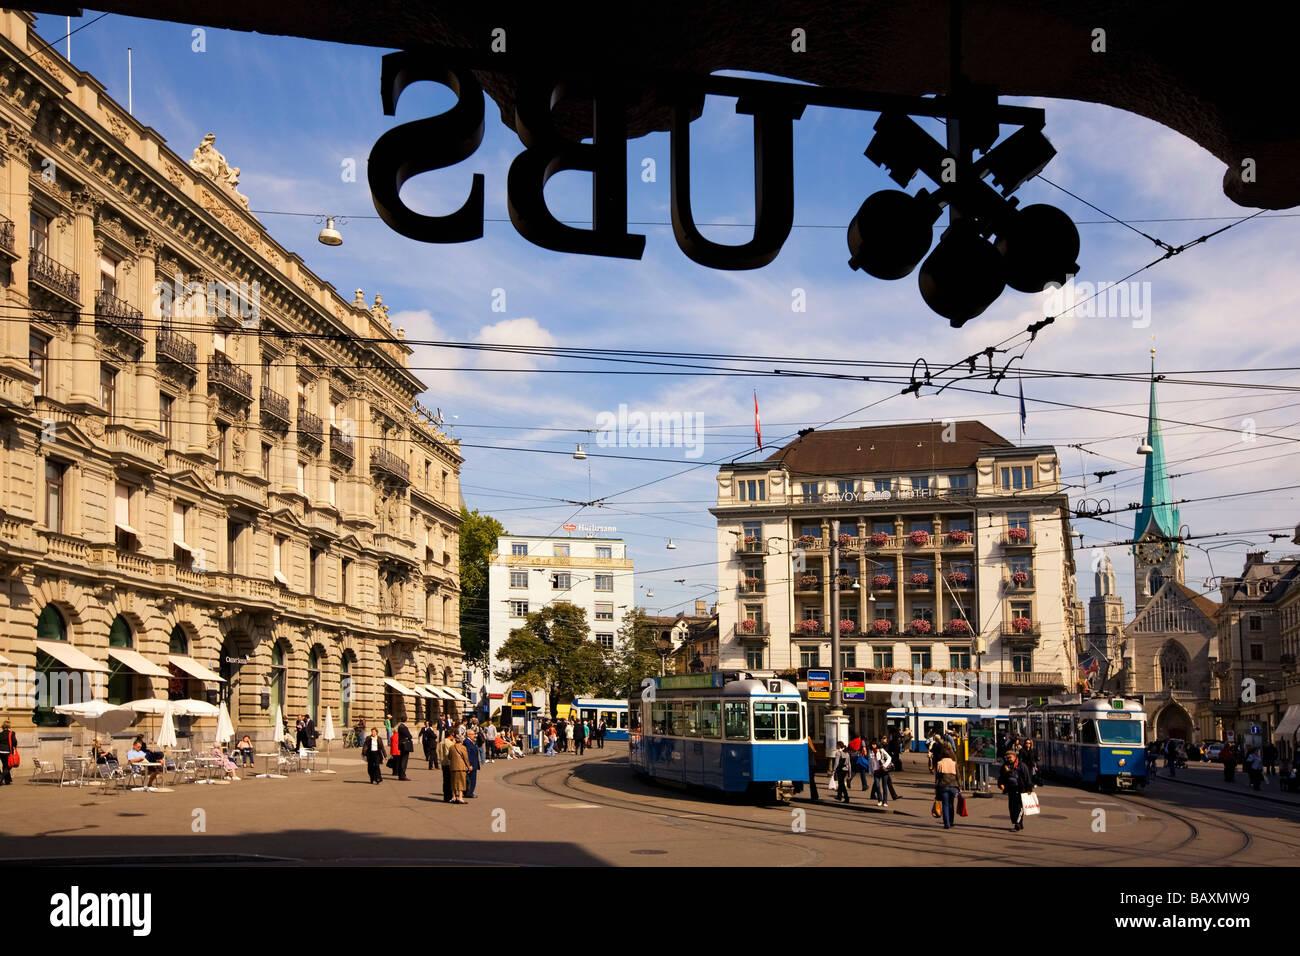 Switzerland, Zurich, Paradeplatz, UBS Logo, Credit Suisse, Tram - Stock Image